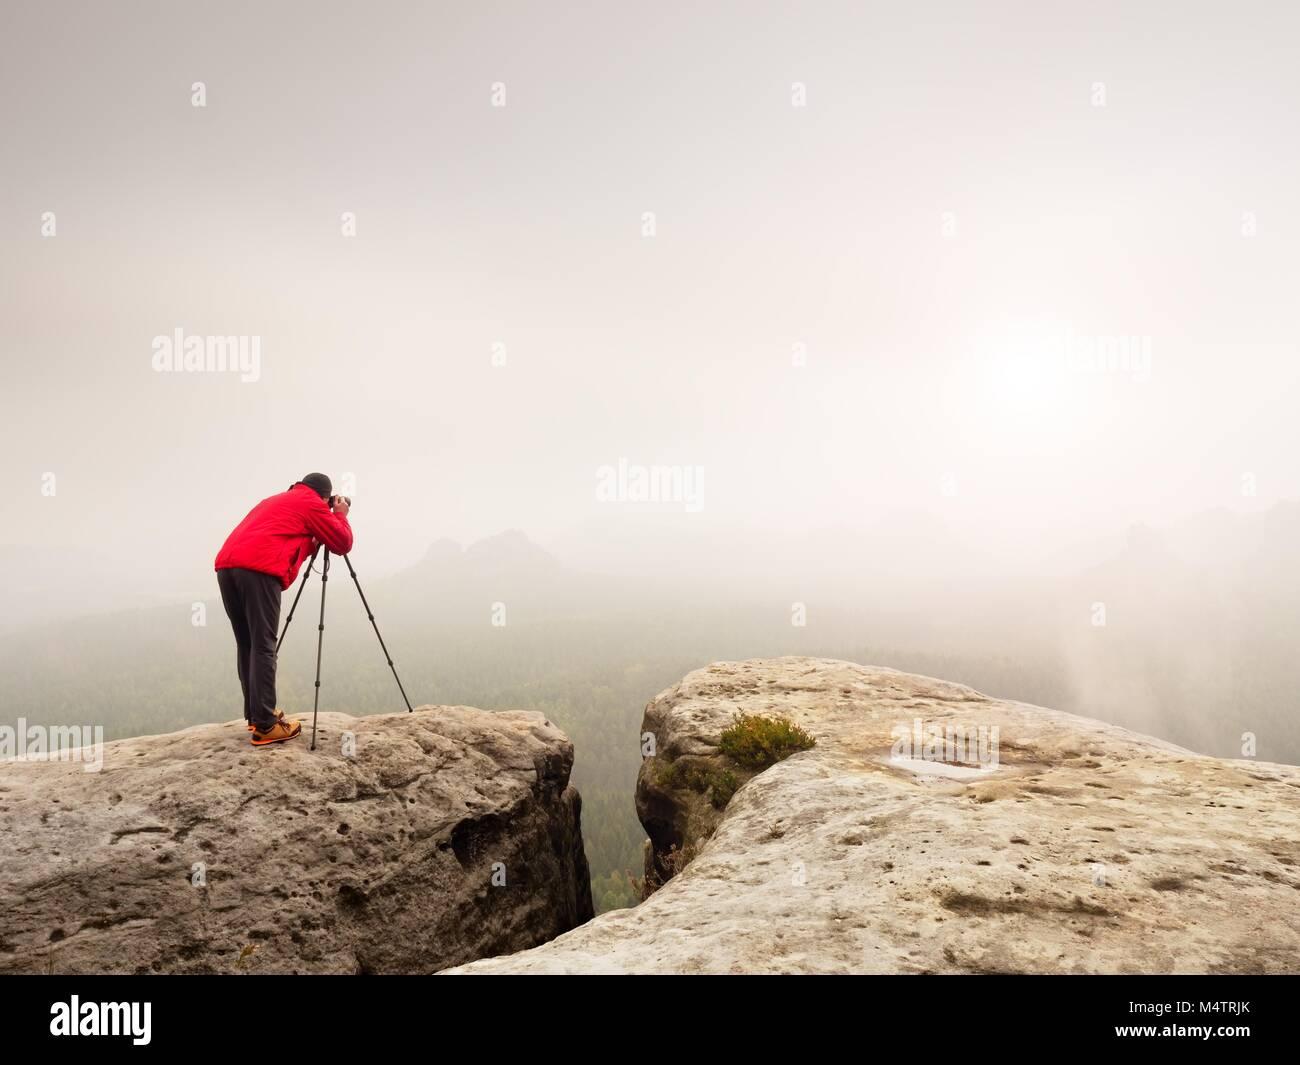 Fotógrafo profesional disparo. Artista permanecer con trípode en la Cumbre y toma fotos de coutryside Imagen De Stock